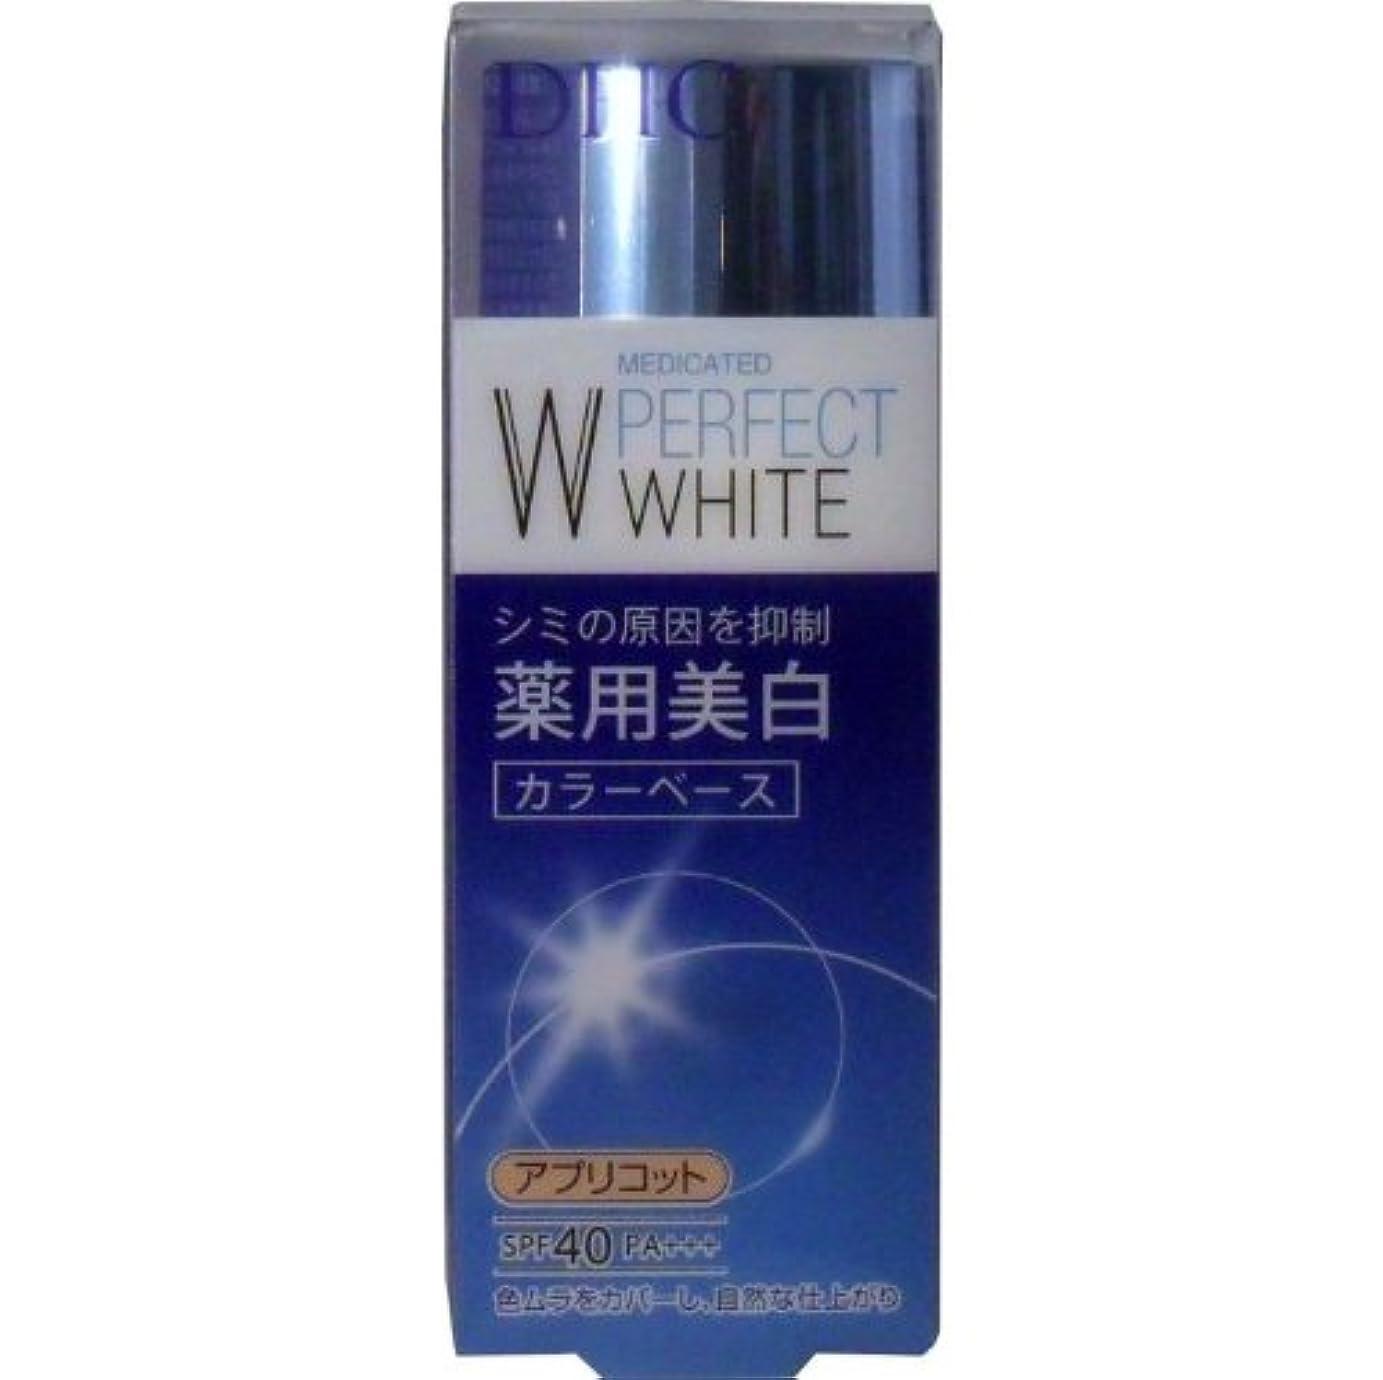 上院議員悲しみ佐賀DHC 薬用美白パーフェクトホワイト カラーベース アプリコット 30g